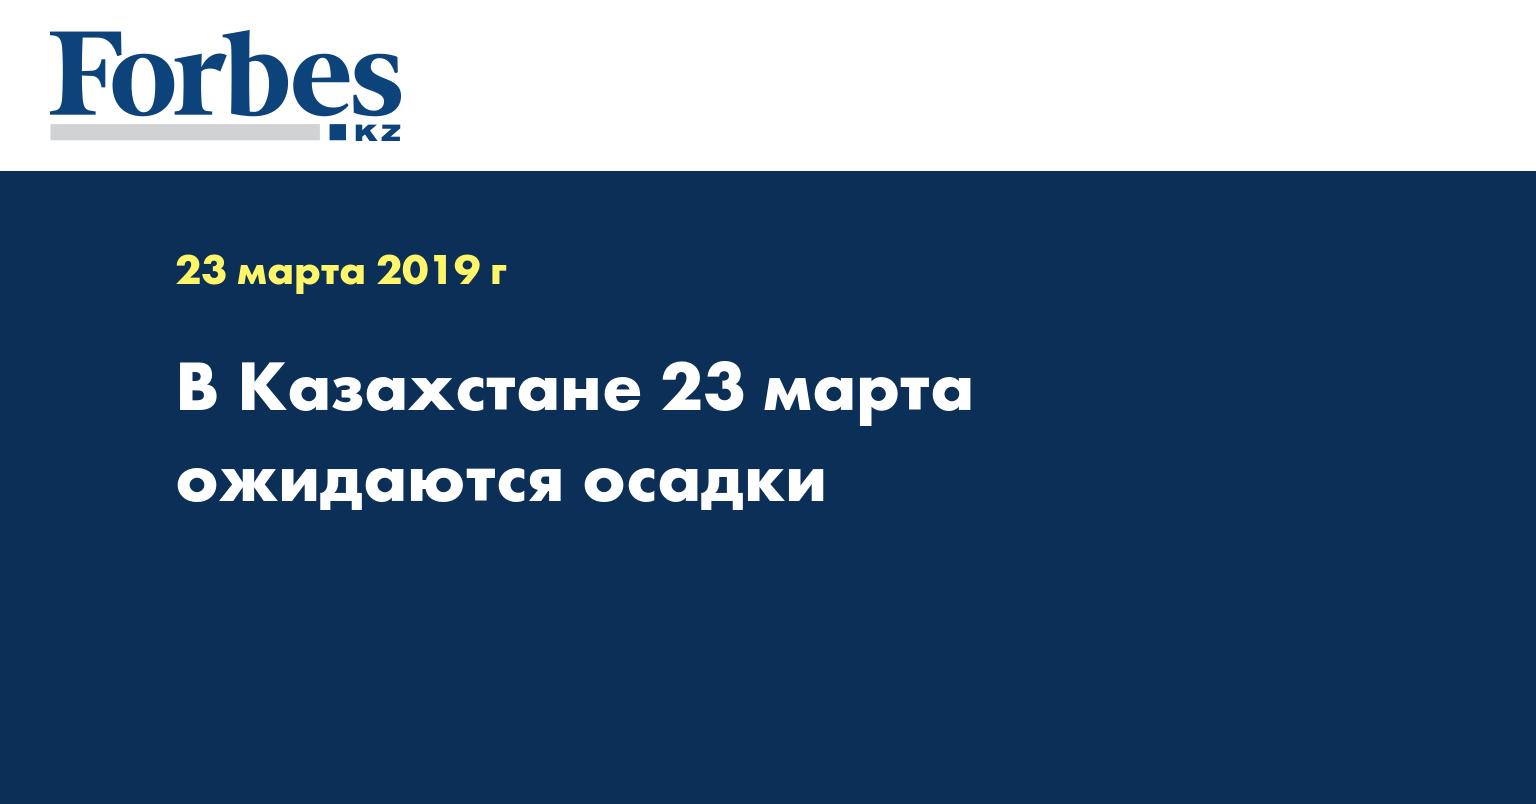 В Казахстане 23 марта ожидаются осадки